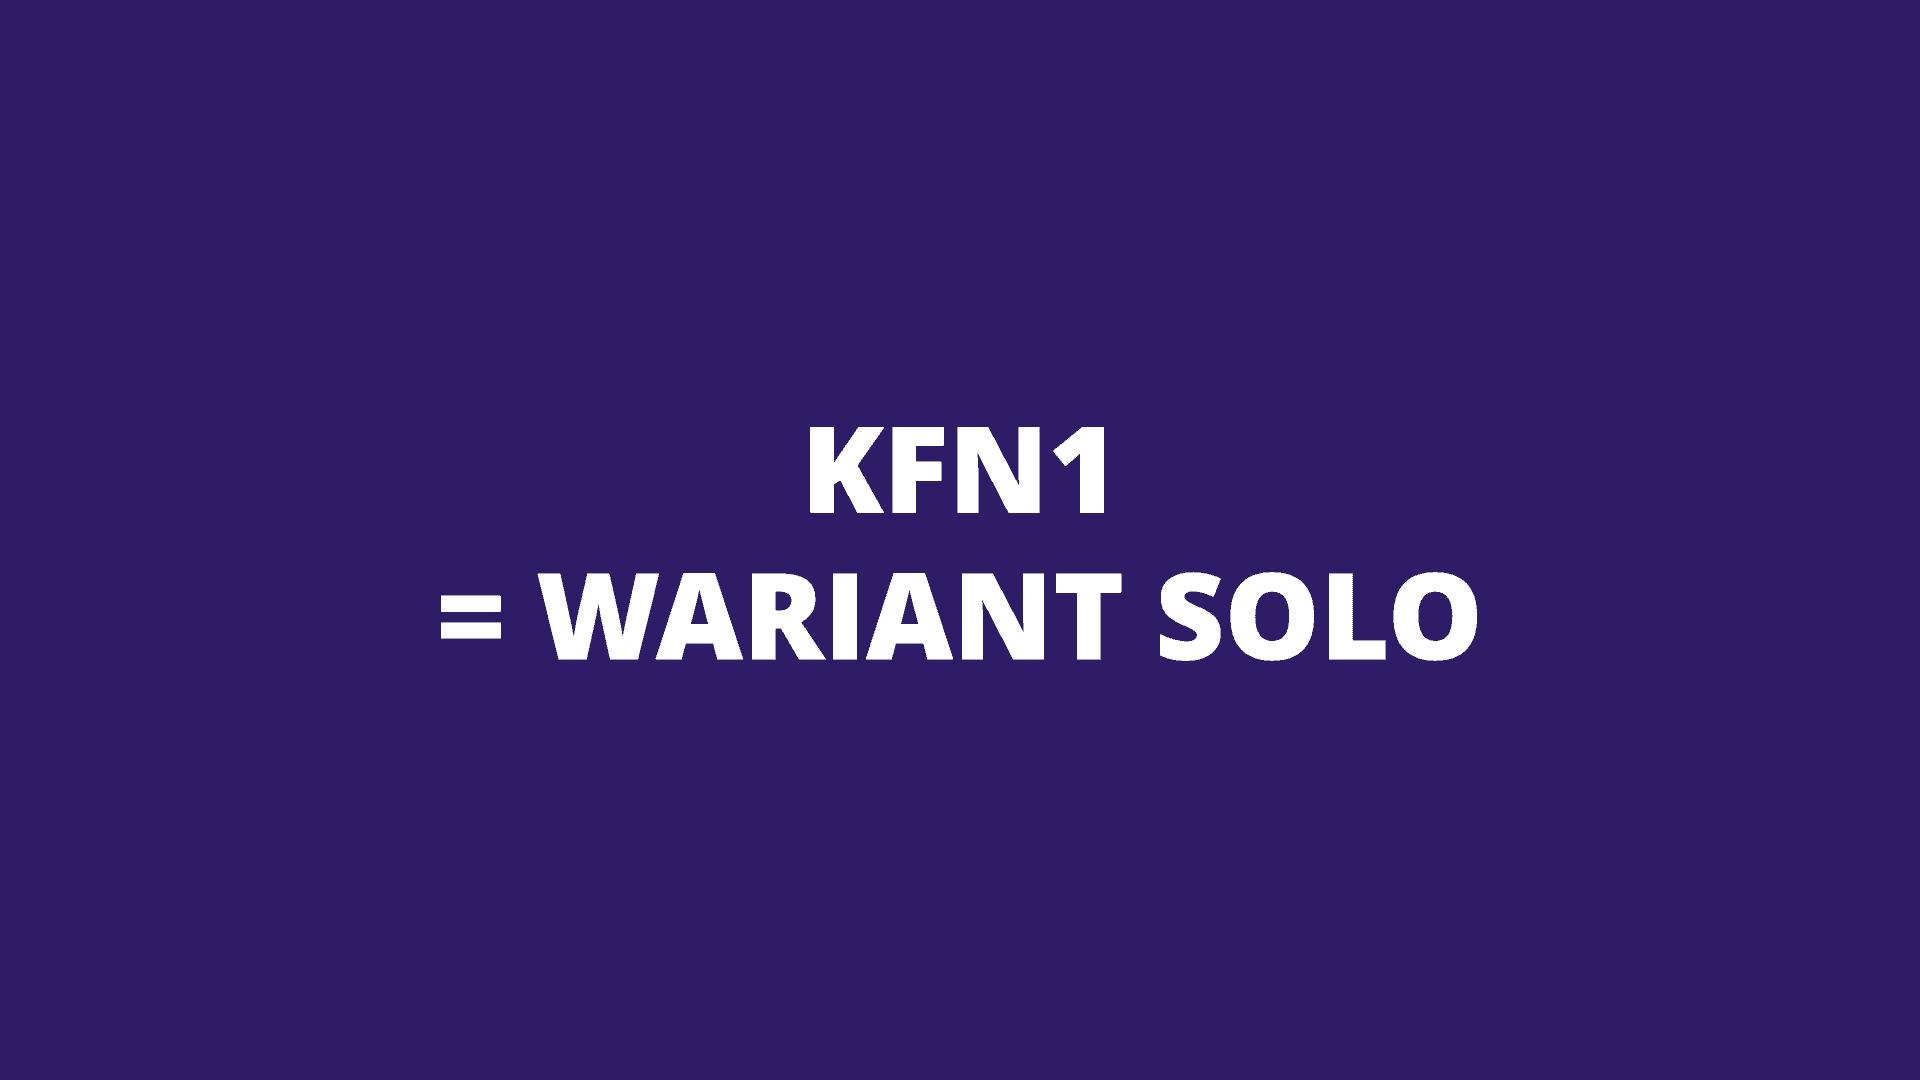 KFN1 wariant solo